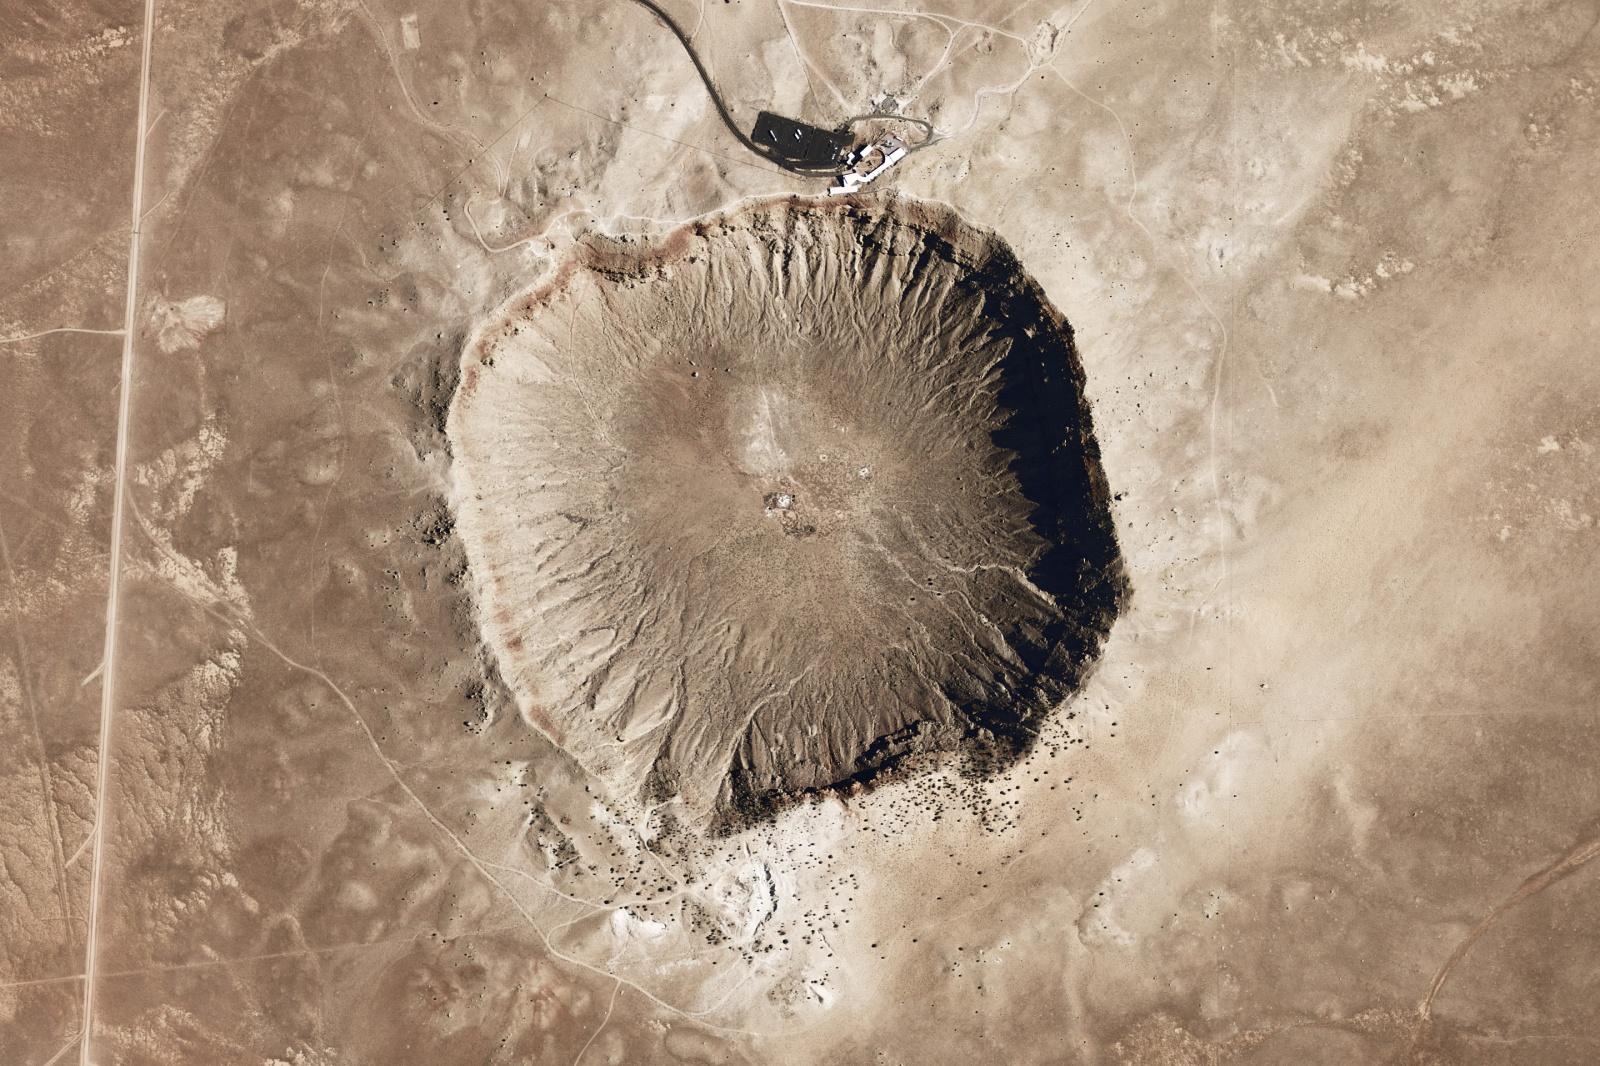 Насколько реальна астероидная угроза? - 3